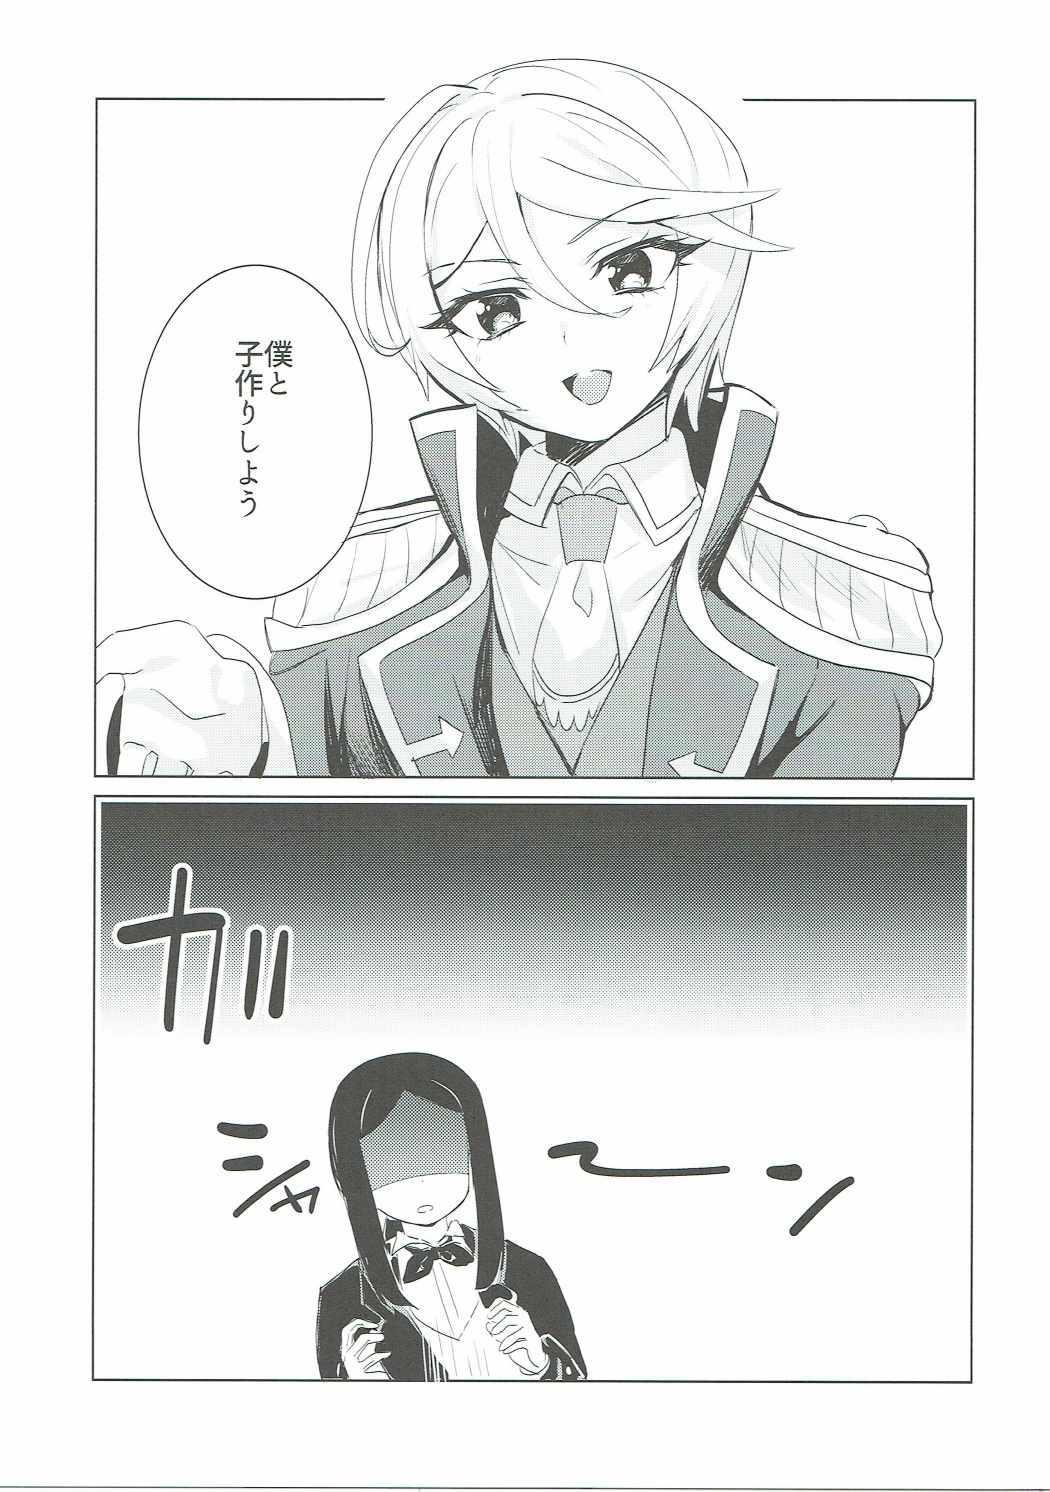 Soshitara Zenbu Yurushite Yaru 7